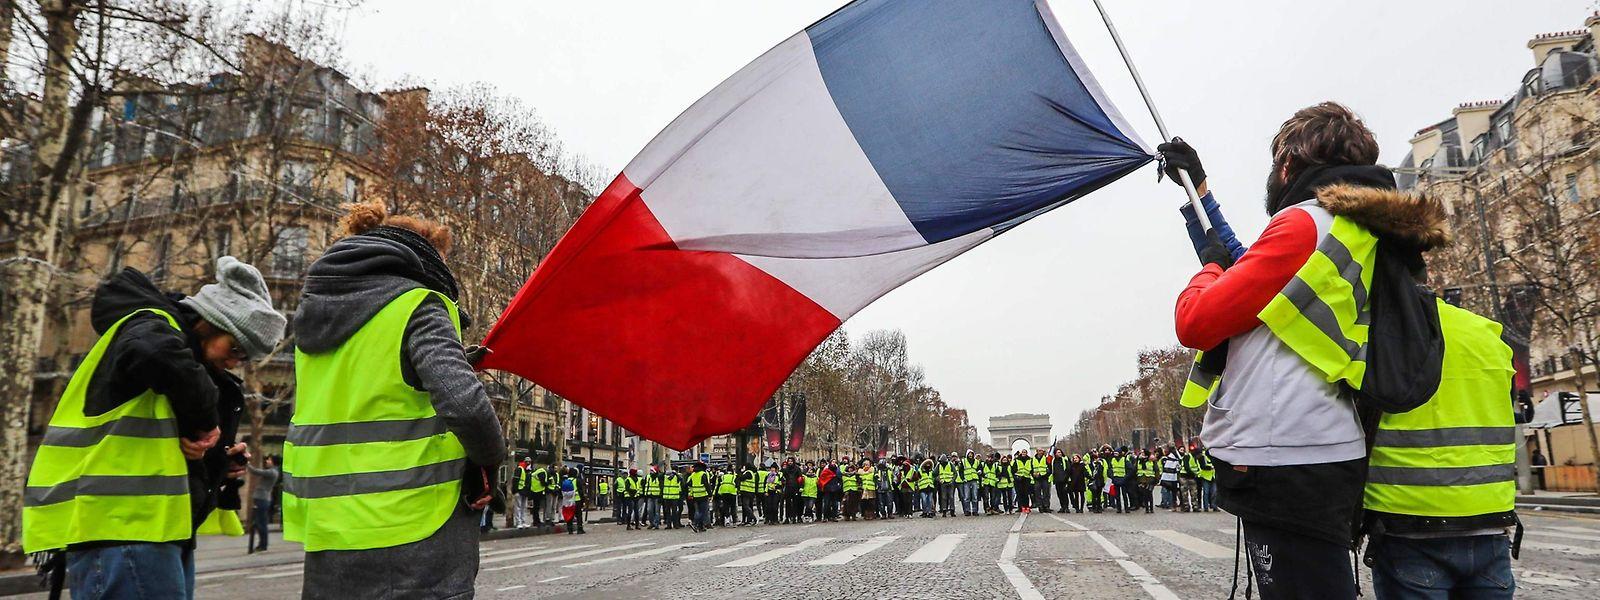 Après des scènes de guérilla urbaine et de saccages qui avaient fait le tour du monde, la France avait de nouveau été placée sous haute sécurité, avec 69.000 membres des forces de l'ordre déployées, dont 8.000 à Paris, appuyés par des véhicules blindés à roues de la gendarmerie.